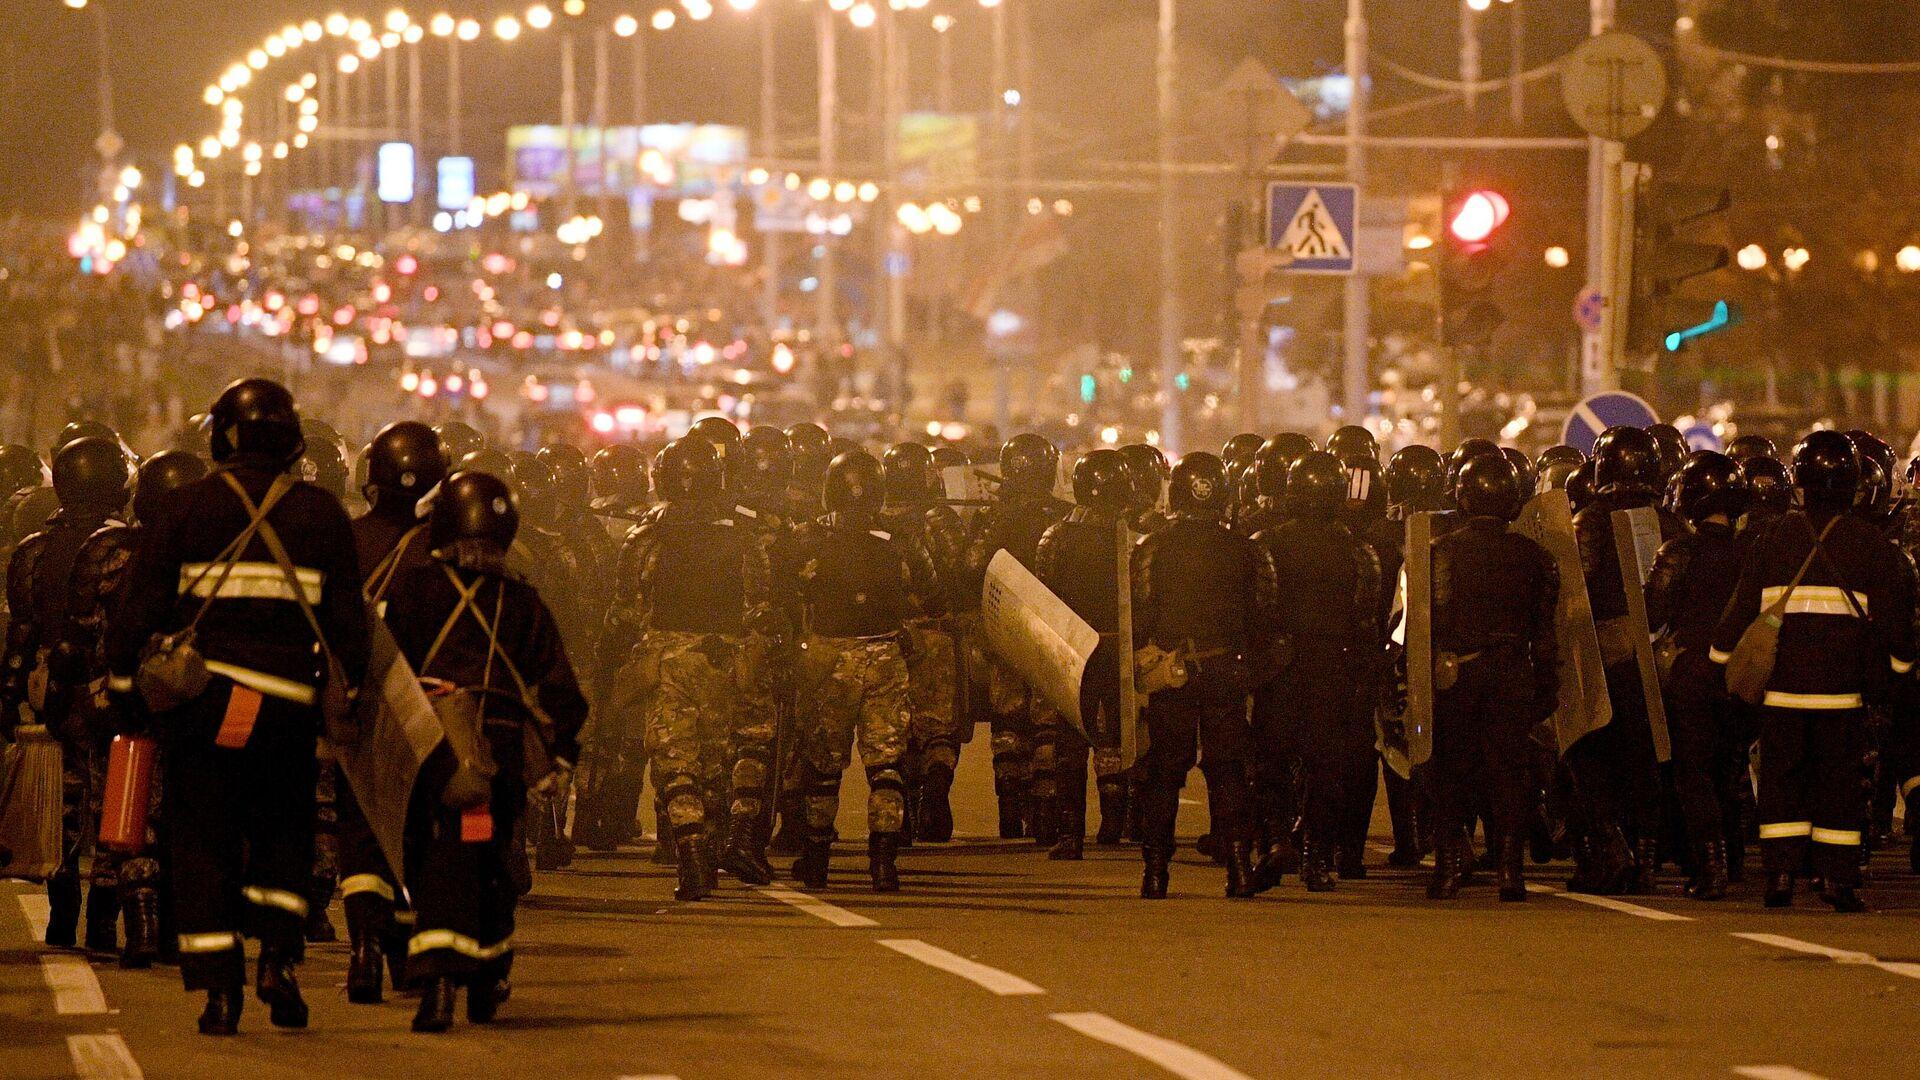 Сотрудники правоохранительных органов во время акции протеста в Минске - РИА Новости, 1920, 11.08.2020